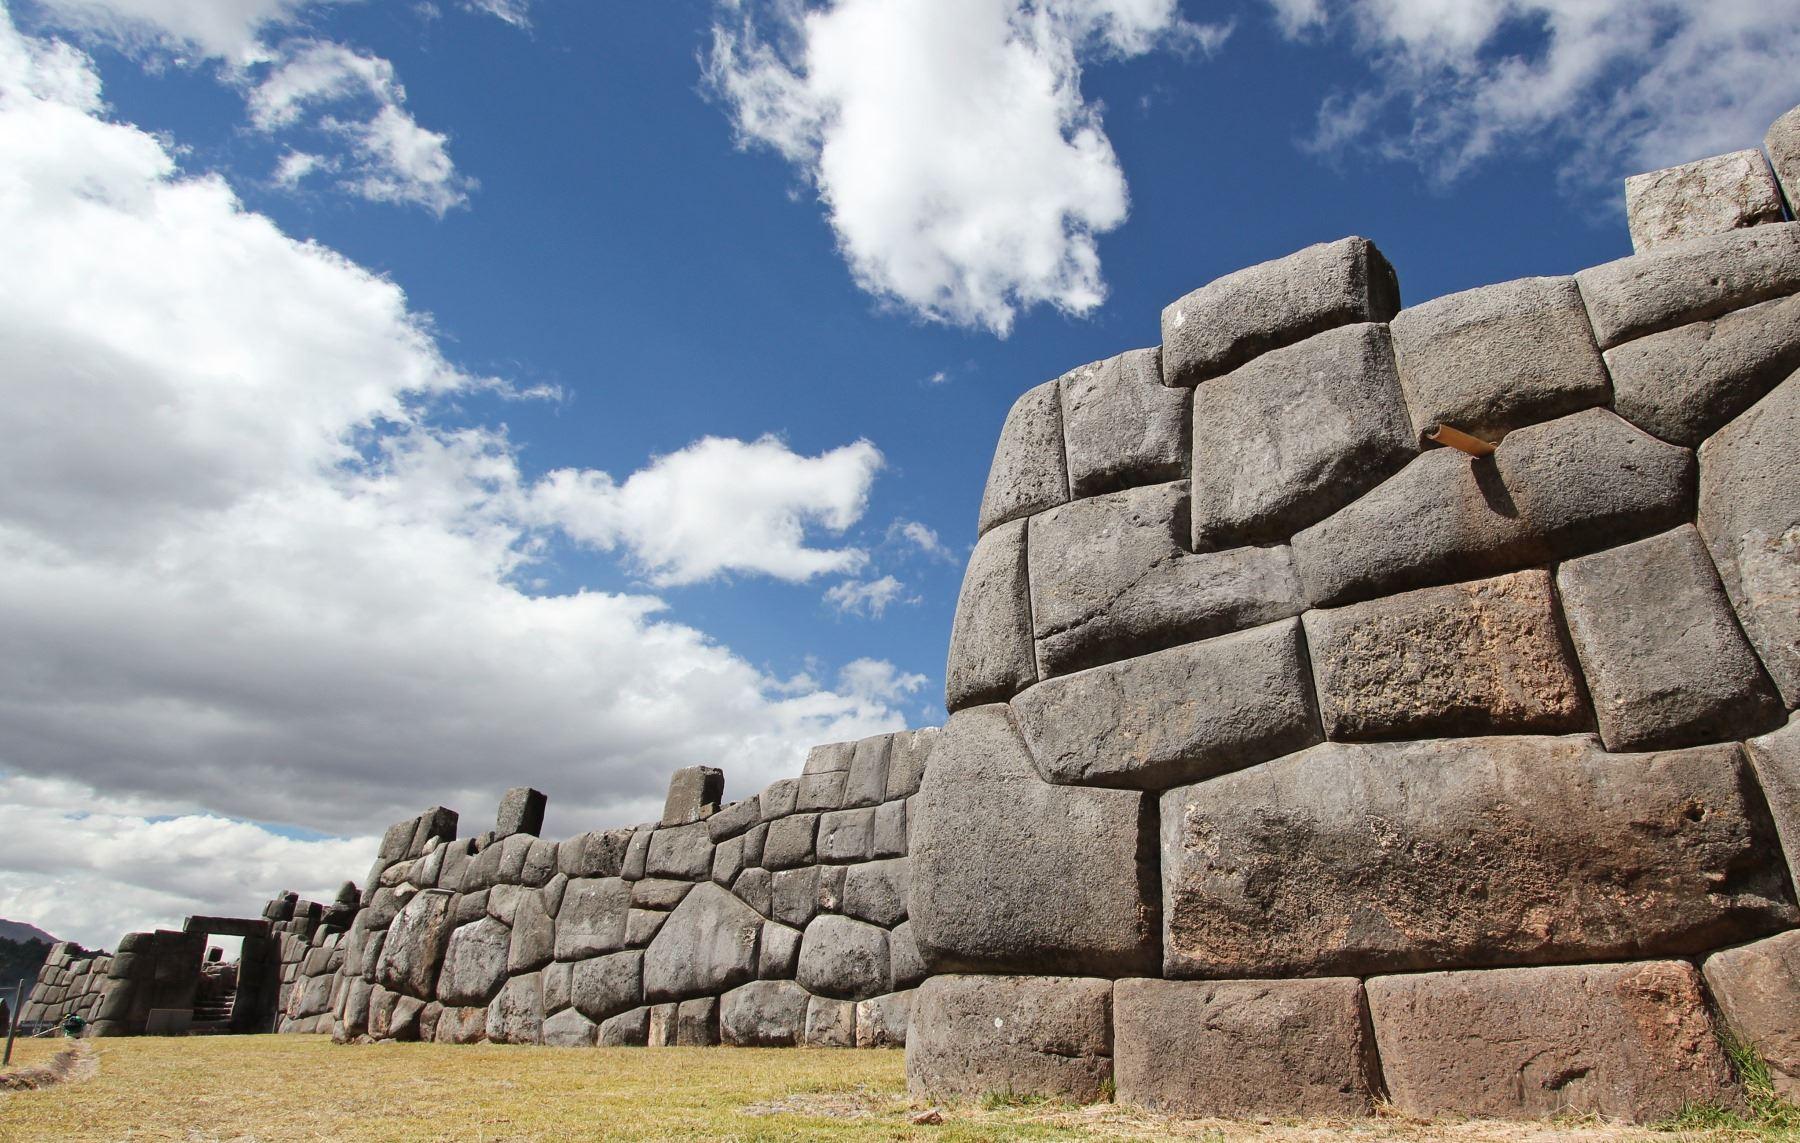 El Ministerio de Cultura creó una comisión sectorial de naturaleza temporal encargada de formular y hacer seguimiento a la estrategia del Estado Peruano para afrontar y superar los potenciales impactos negativos a los valores patrimoniales que sustentan el Valor Universal Excepcional del Centro Histórico del Cusco declarado por la Unesco. ANDINA/Difusión